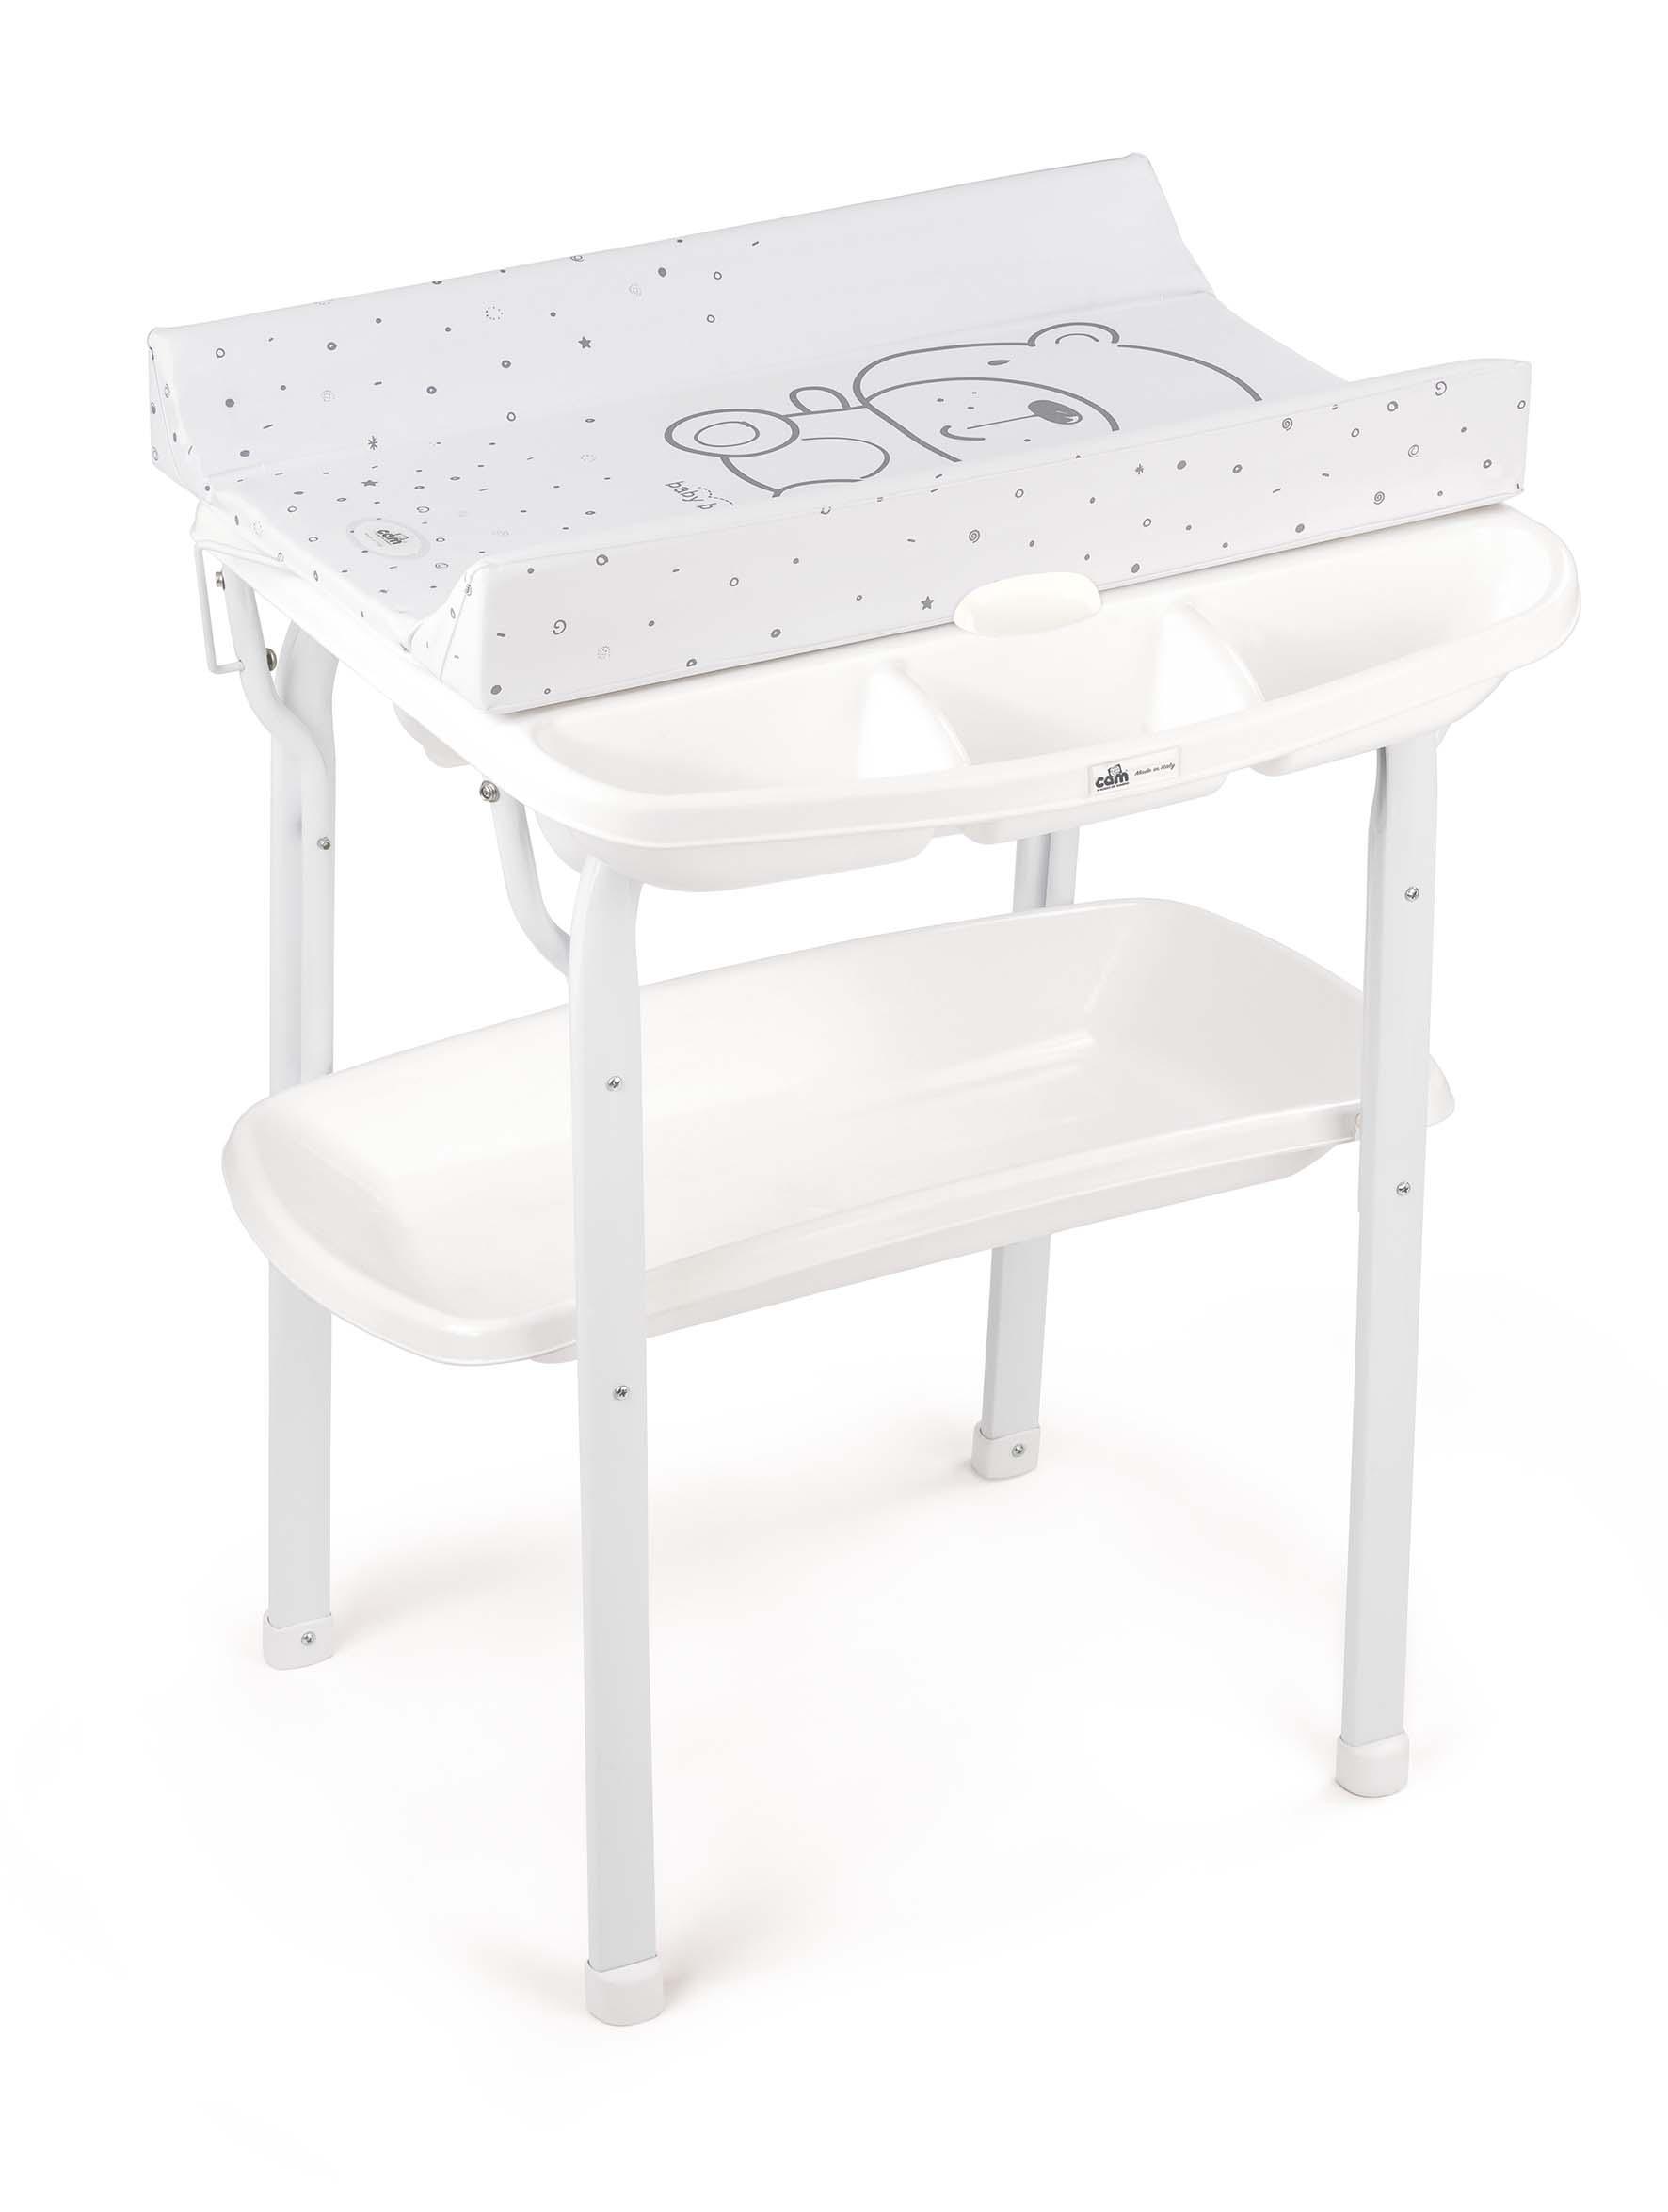 Přebalovací stůl Aqua, Col.247